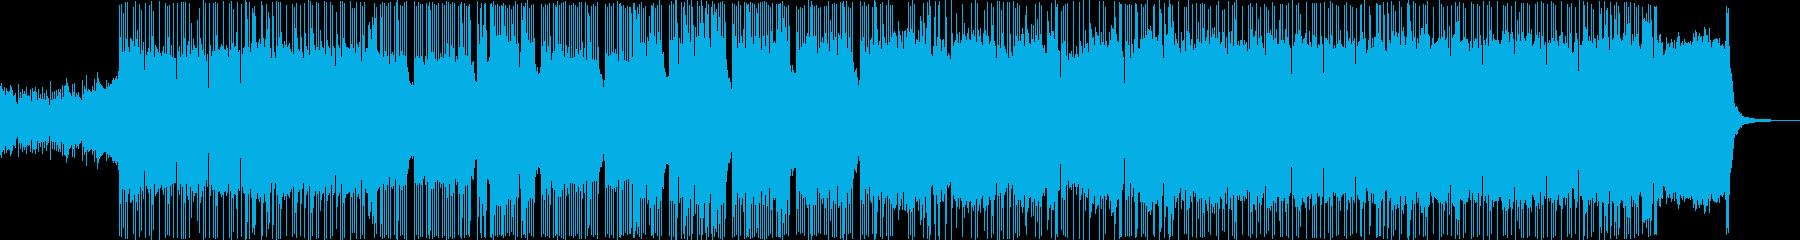 ミドルテンポのダークなメタルの再生済みの波形